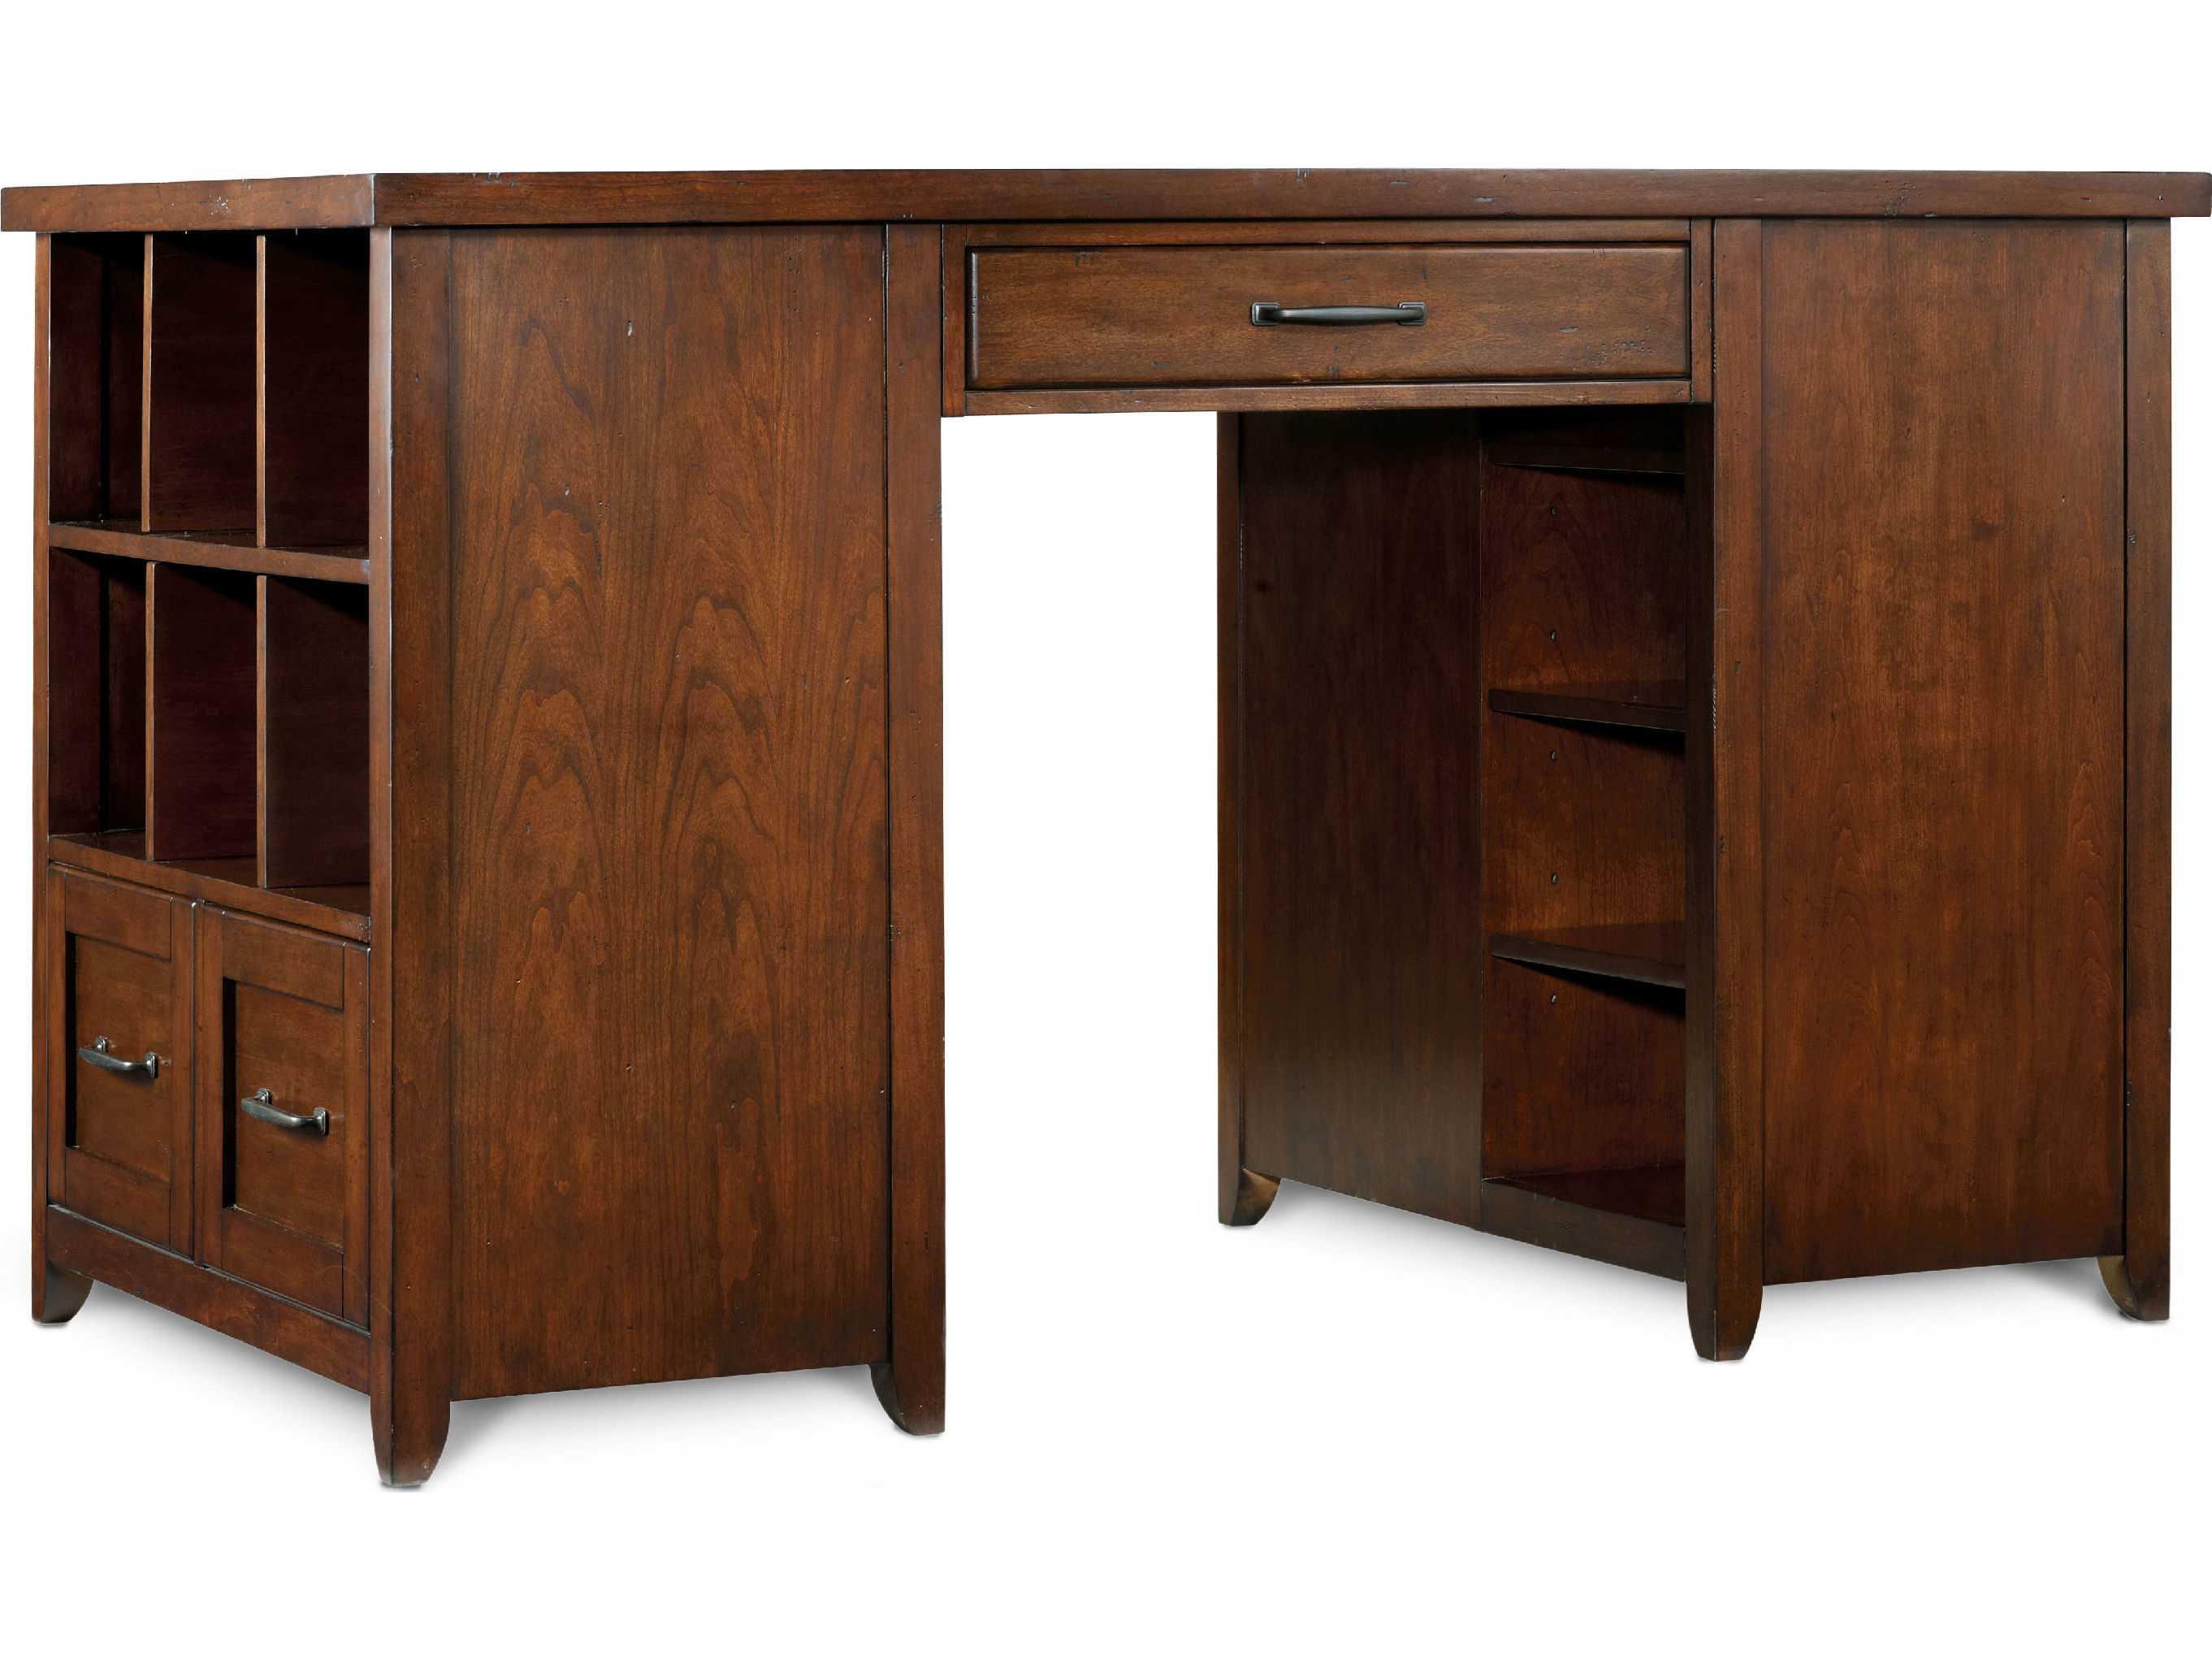 Superieur ... Hooker Furniture Wendover Distressed Cherry 62u0027u0027L X 36u0027u0027W Rectangular  Computer ...